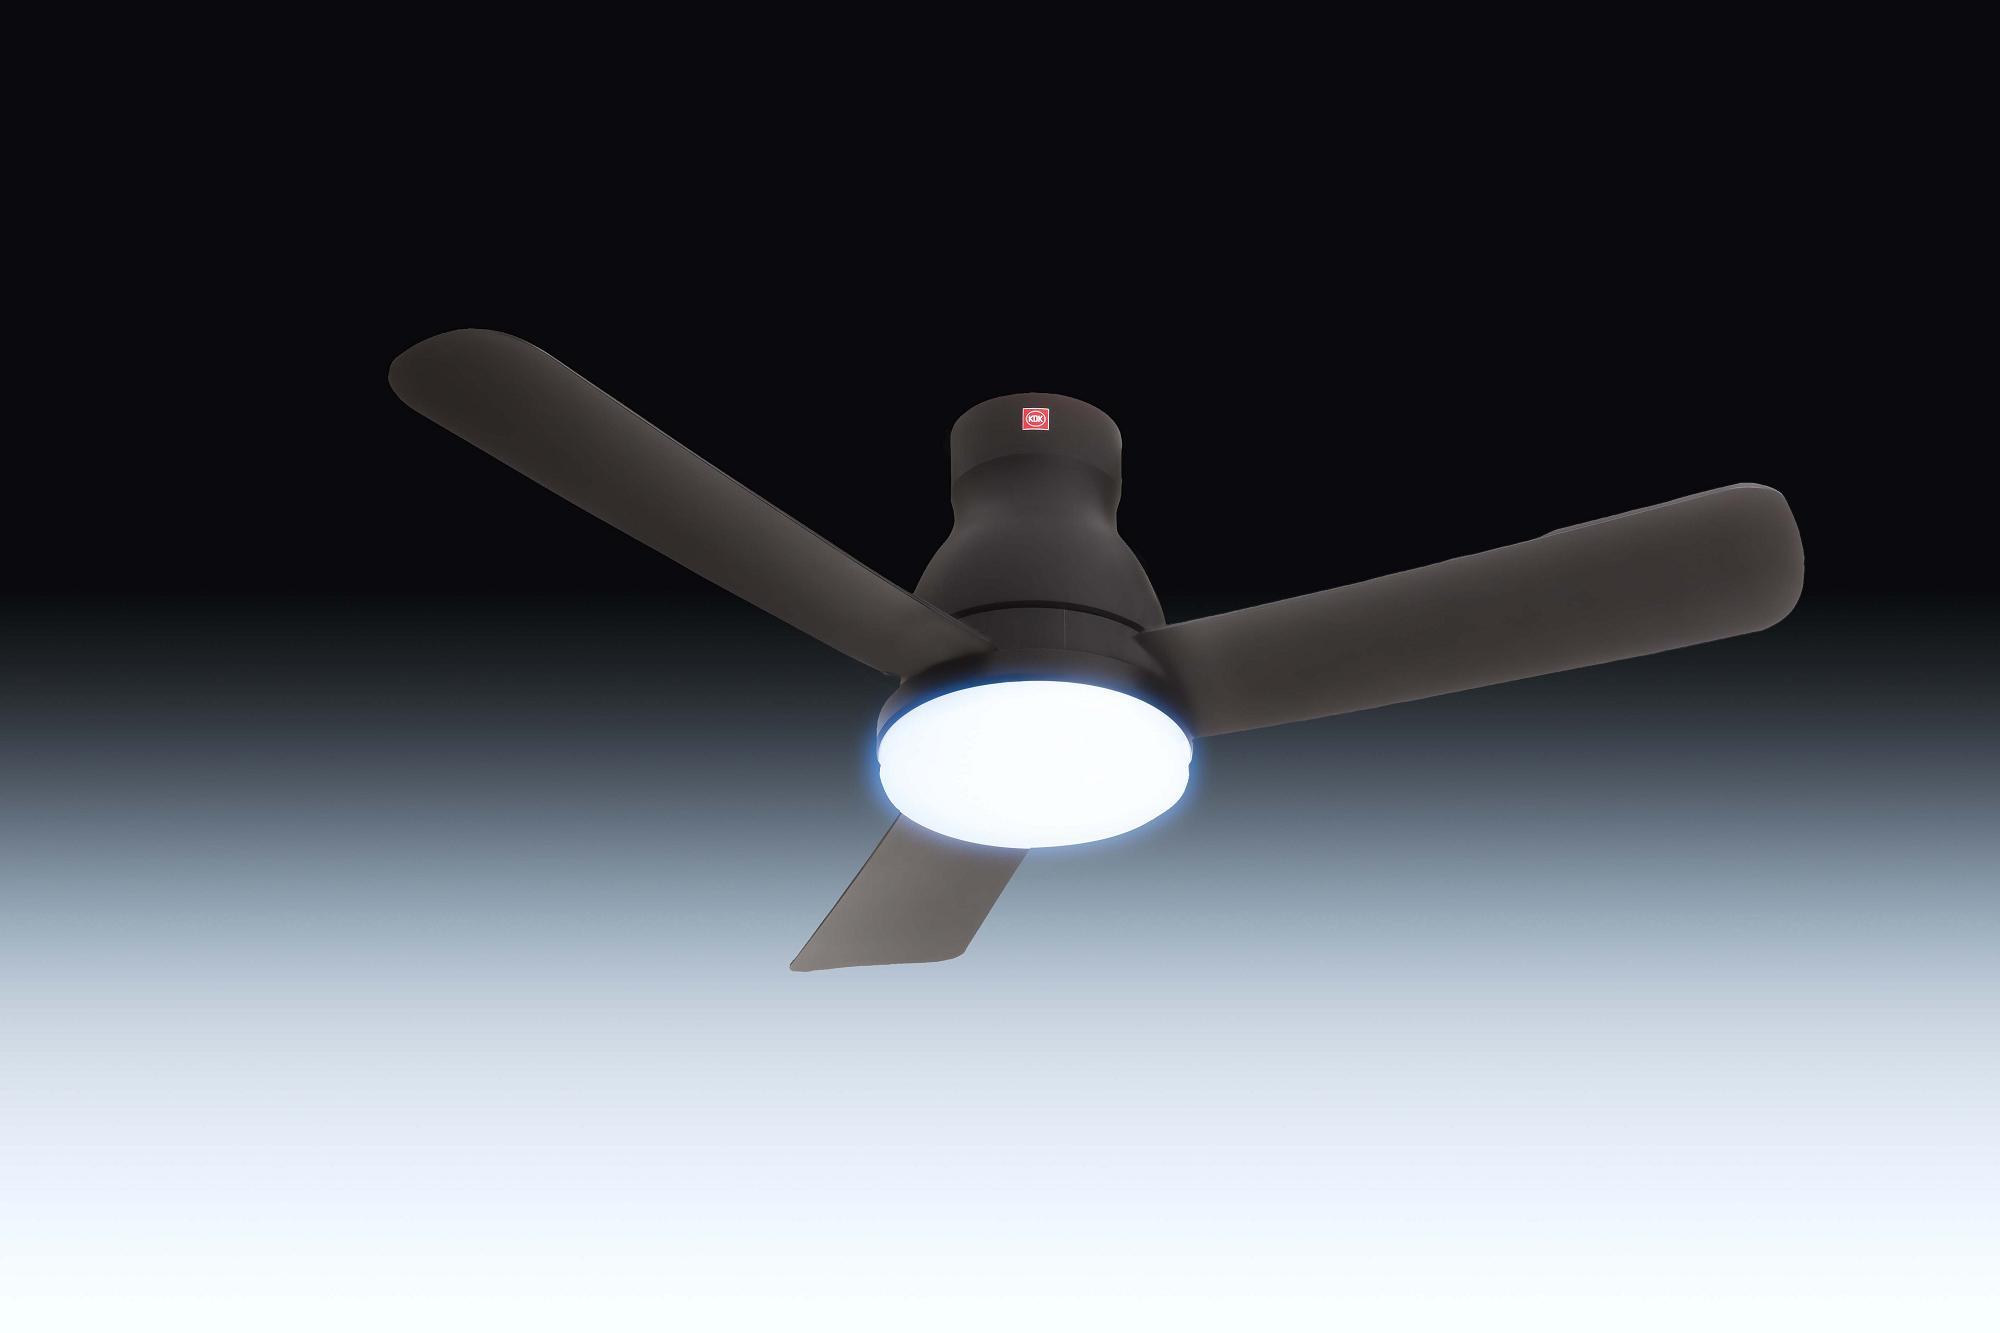 KDK U48FP Remote Ceiling Fan (DC Motor with Light)